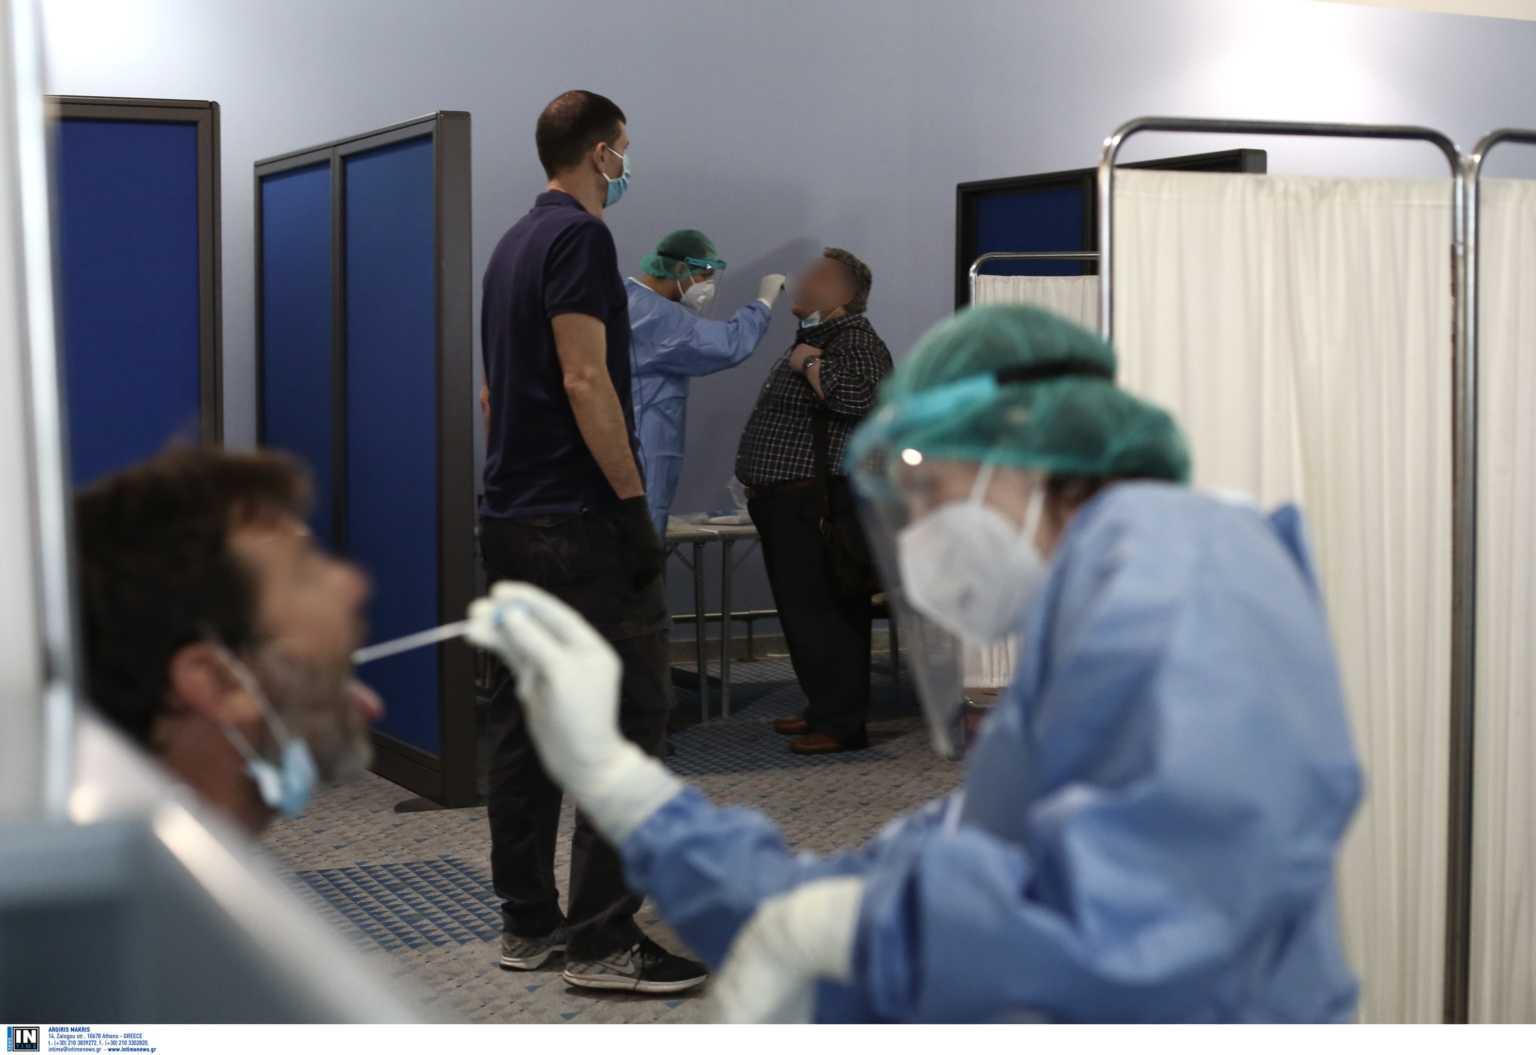 233 νέα κρούσματα κορονοϊού σήμερα 02/09 στην Ελλάδα